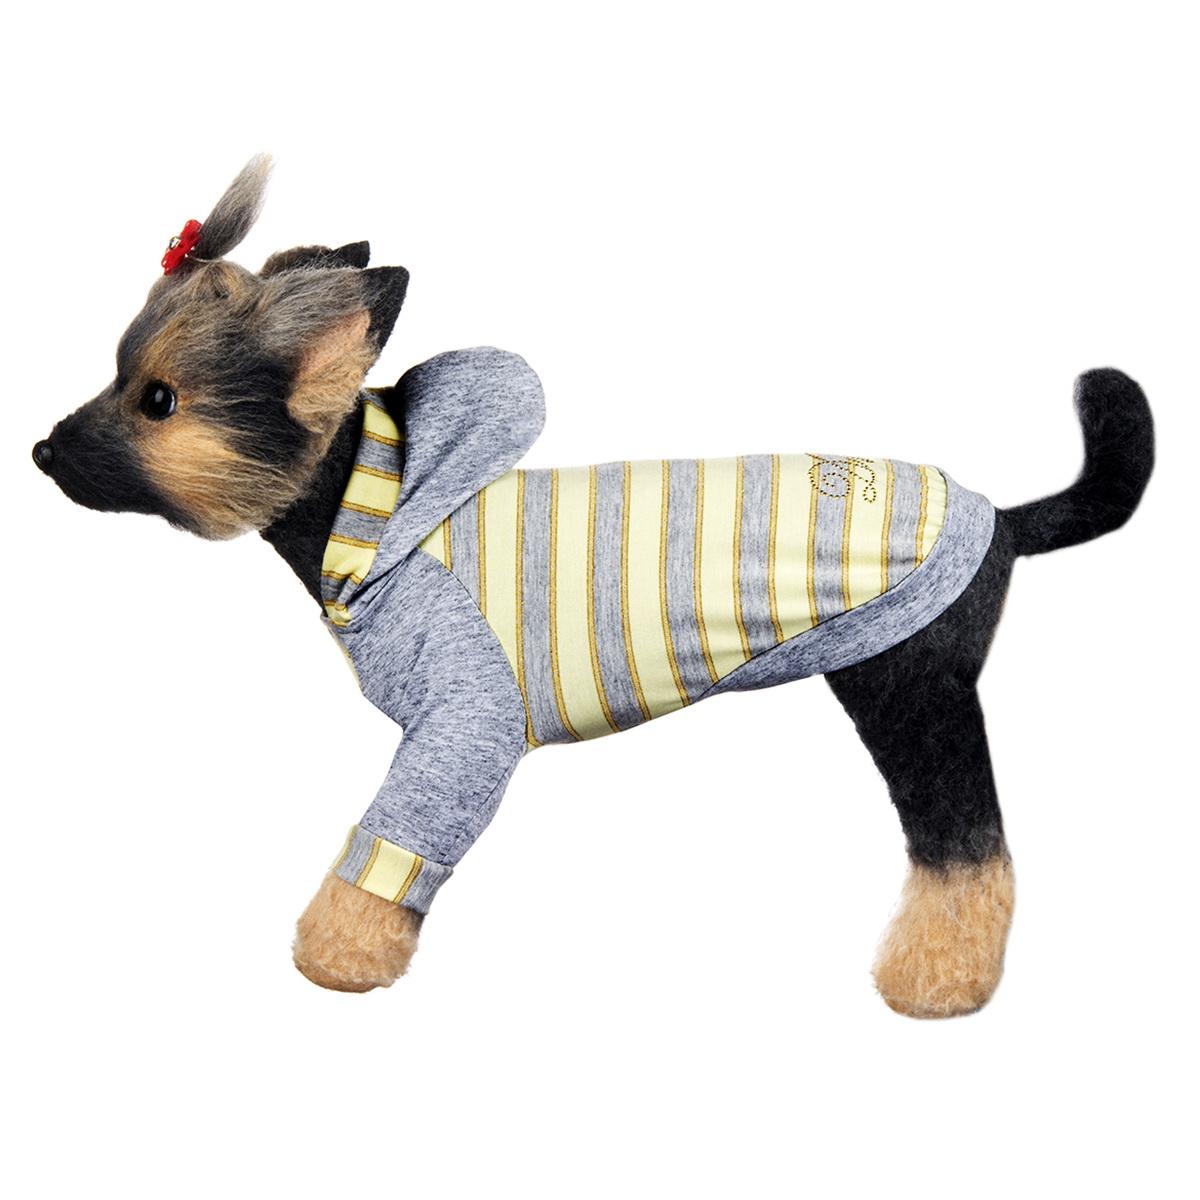 Футболка для собак Dogmoda Грей, унисекс. Размер 2 (M) догмода футболка с капюшоном для собак dogmoda 1